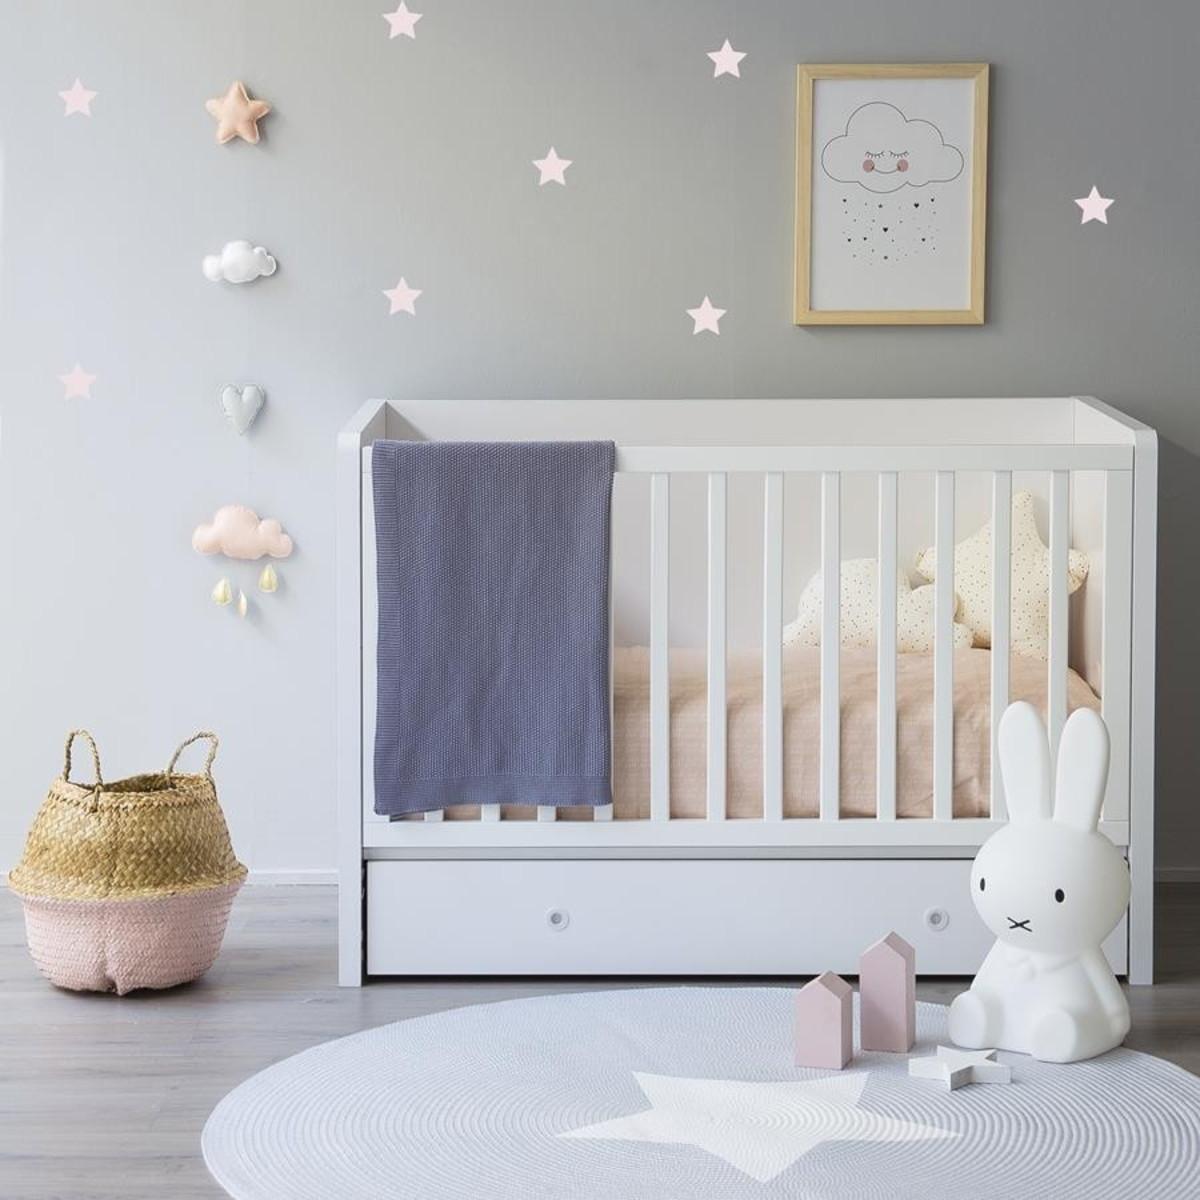 Adesivo estrelas rosa bebê  Quarto de Criança  Lojadecoreacasa  Elo7